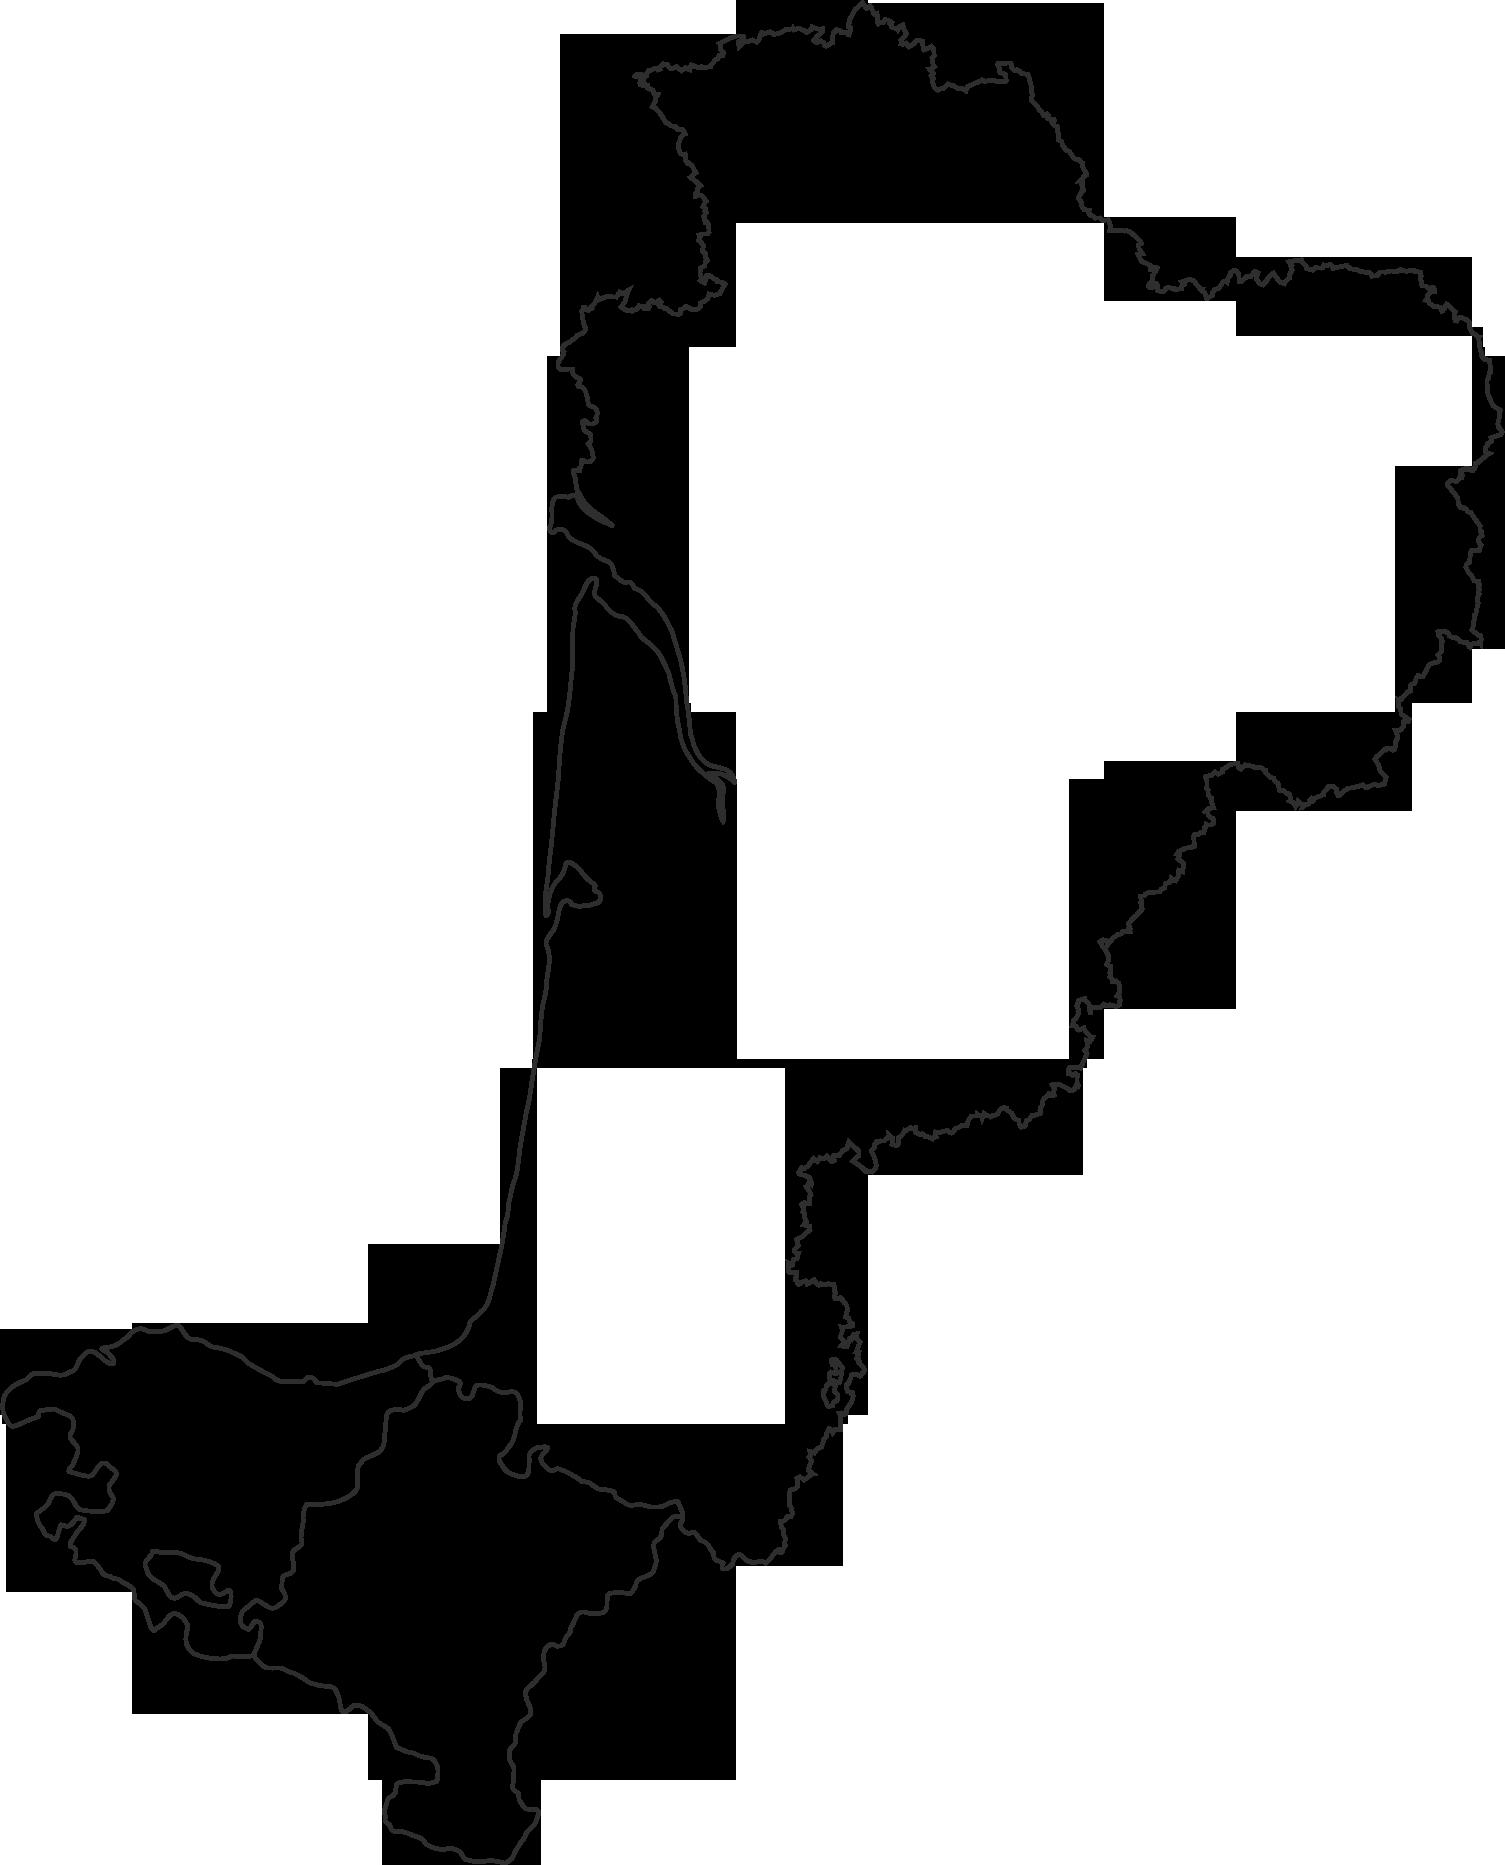 COMPET'plus, imagen tres territorios